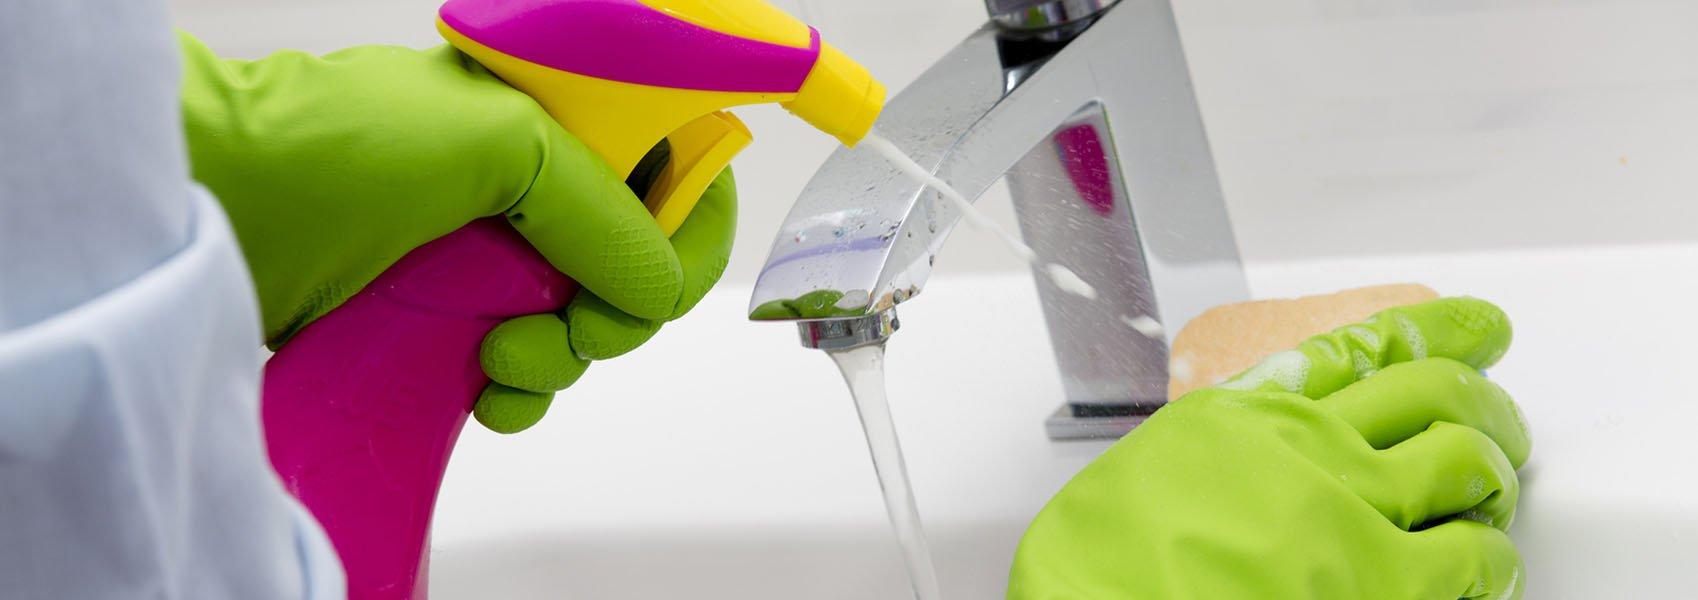 Igienizzazione, disinfezione, servizi igienici, condizionatori